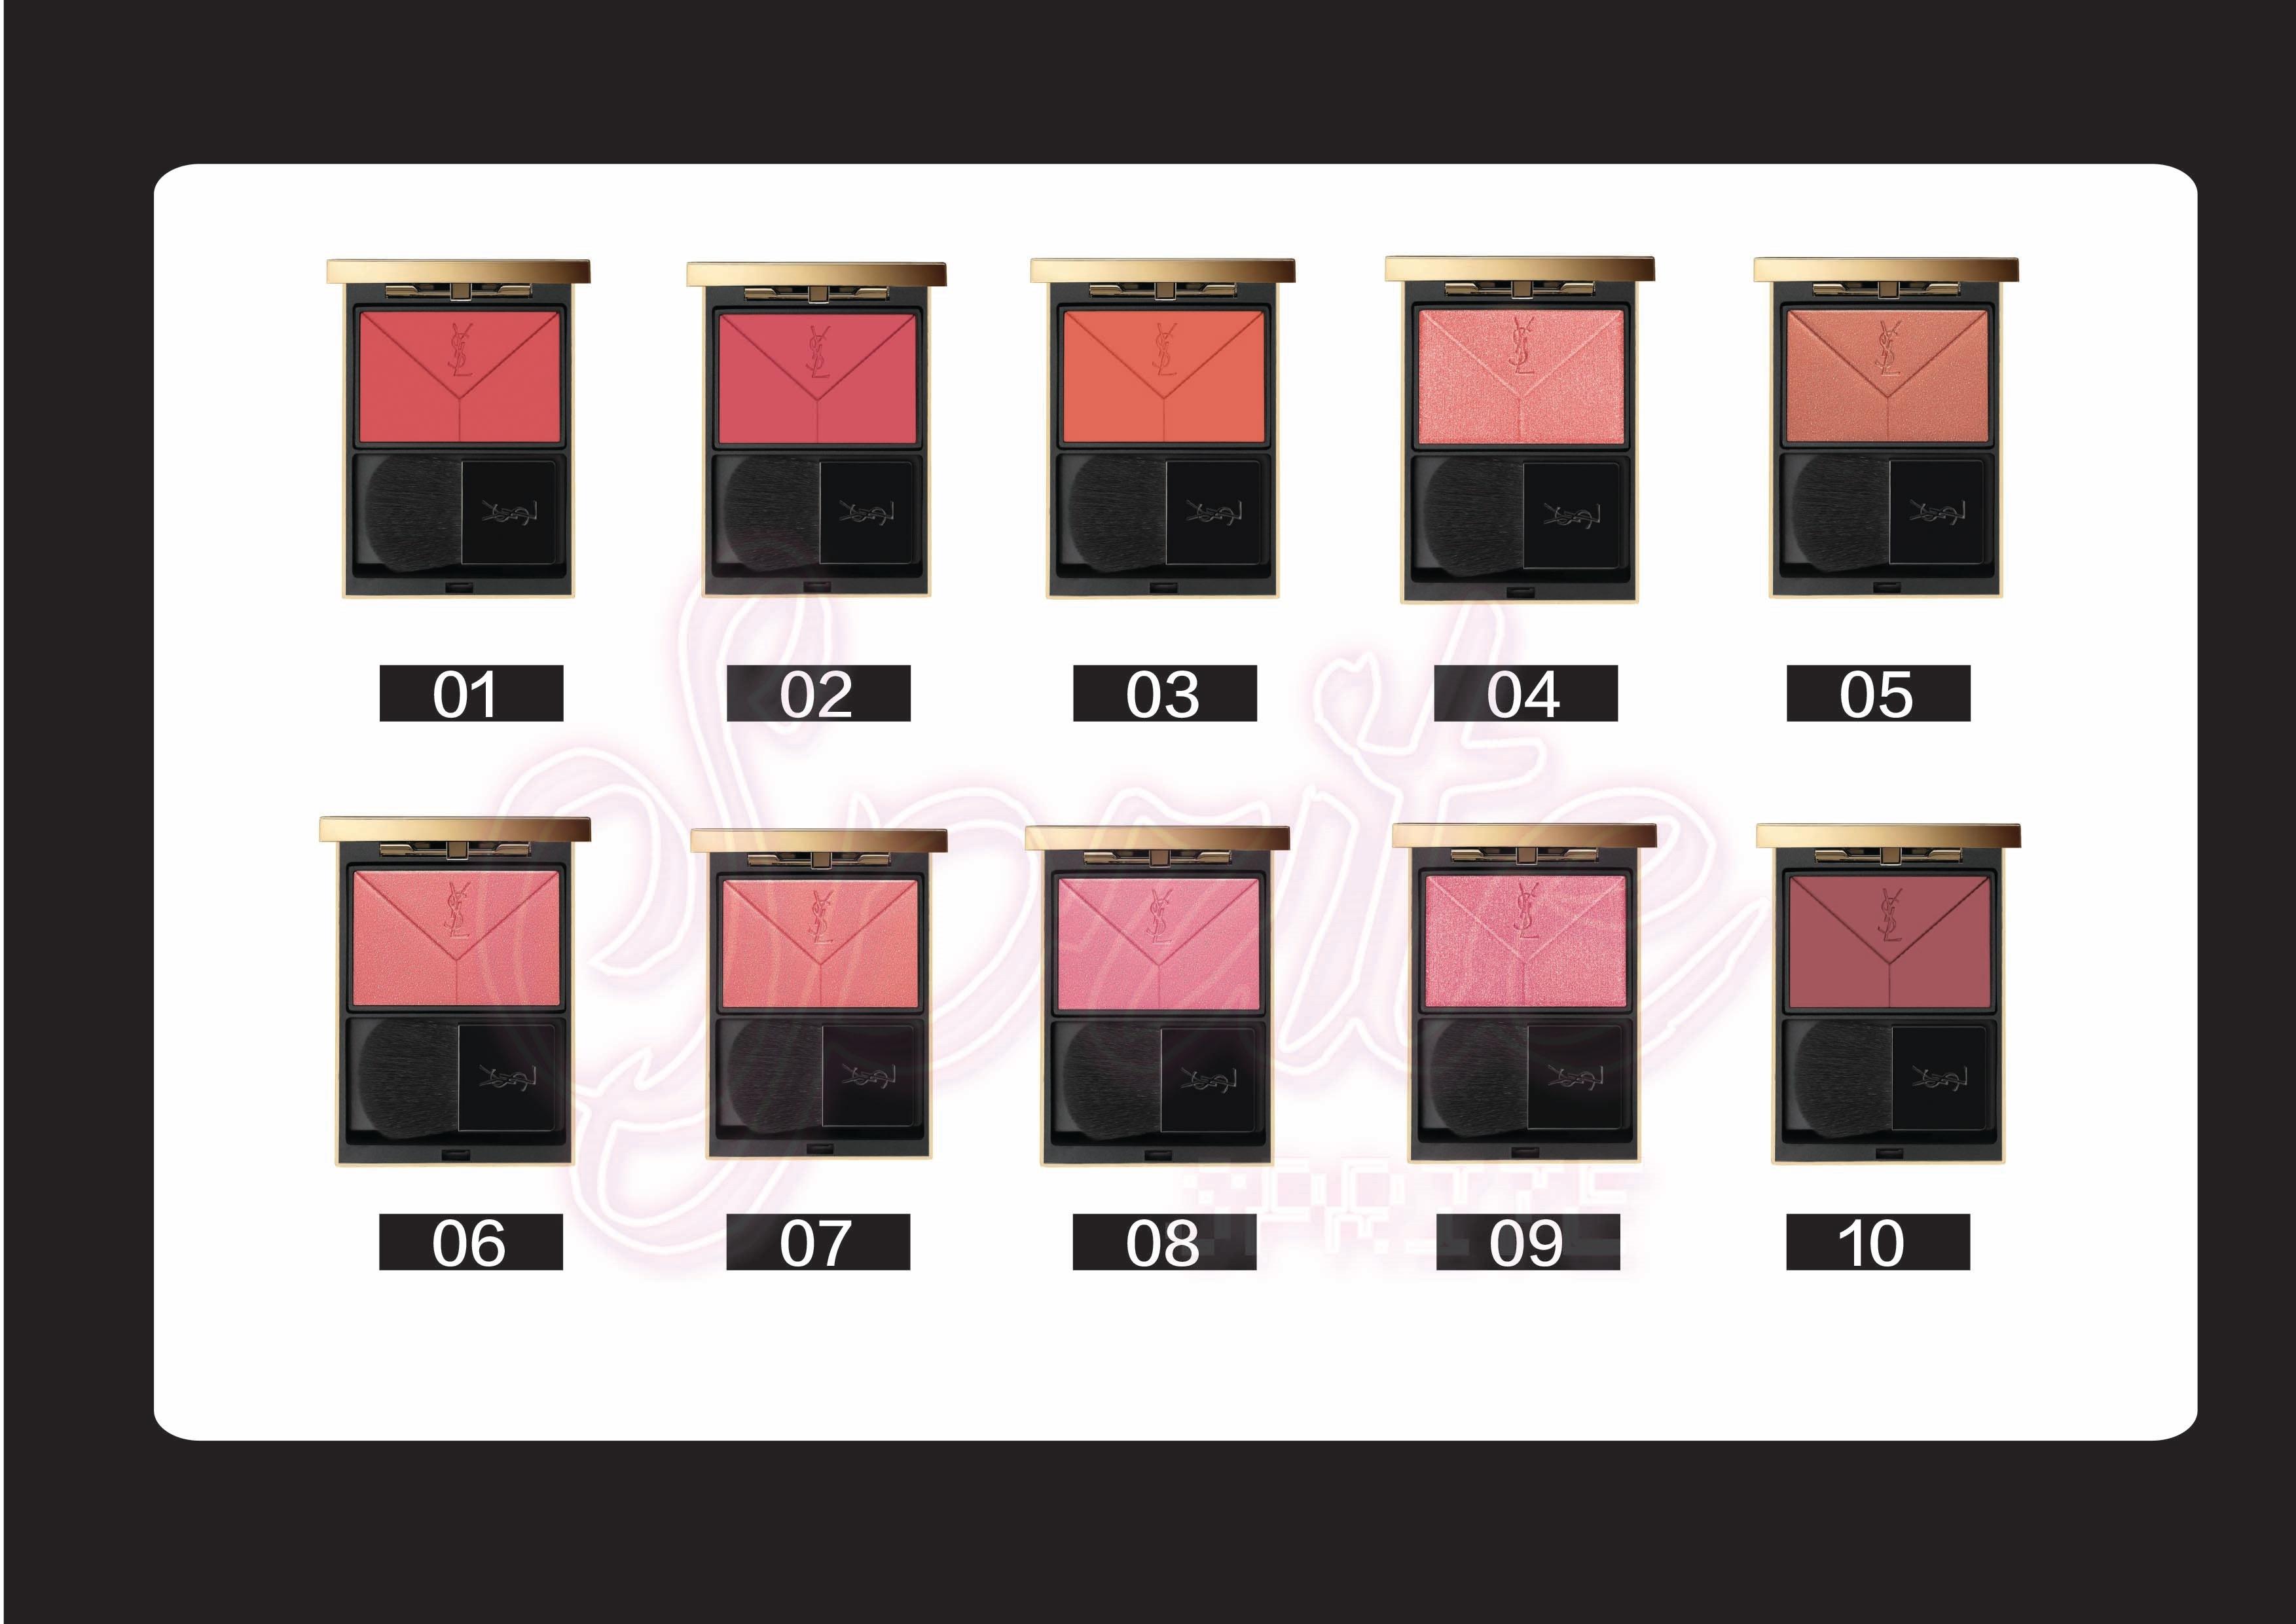 YSL聖羅蘭時尚宣言訂製腮紅Couture Blush